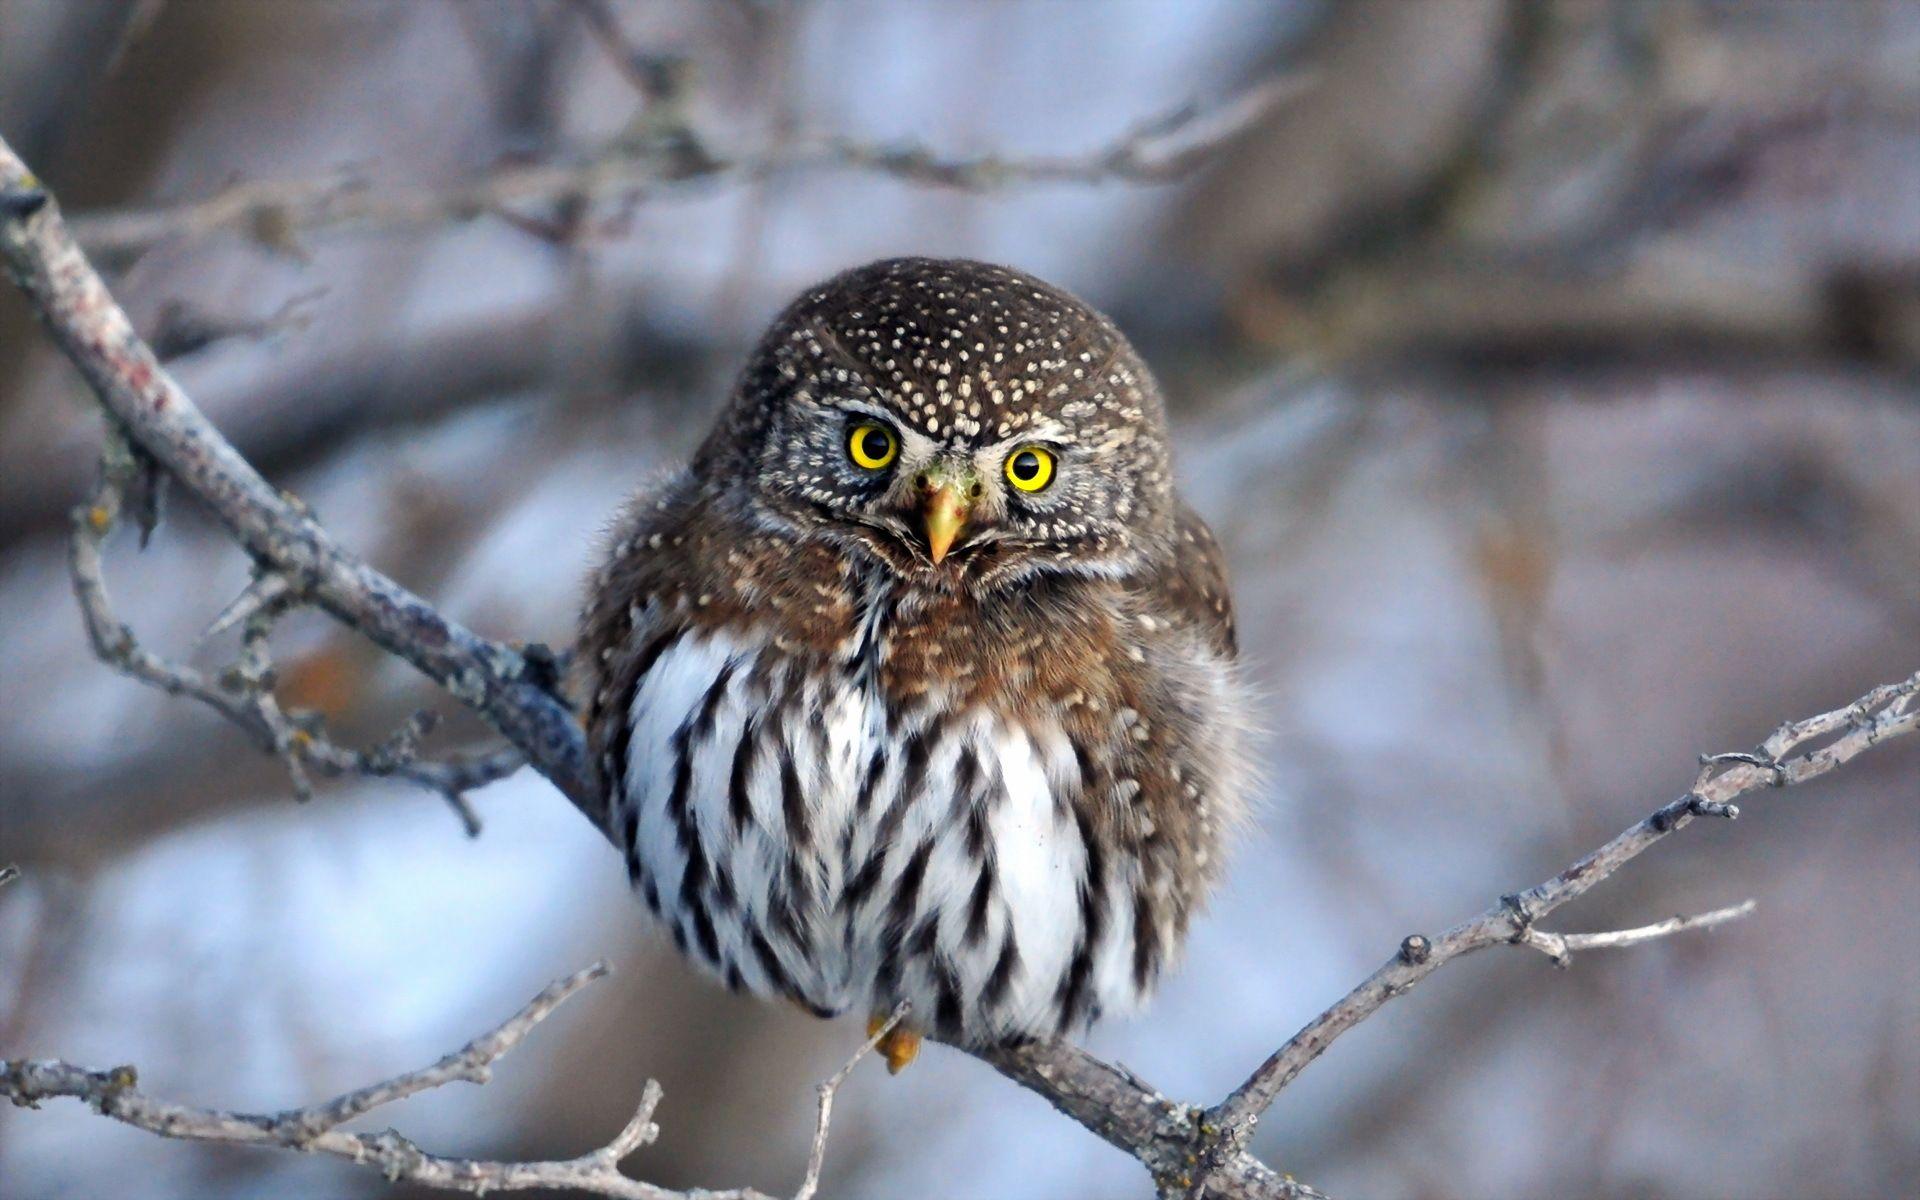 Papel de Parede Pequena Coruja - Owl, Bird, Little, Nature, Branch, Coruja, Tree, Winter, Cute, Yellow Eye